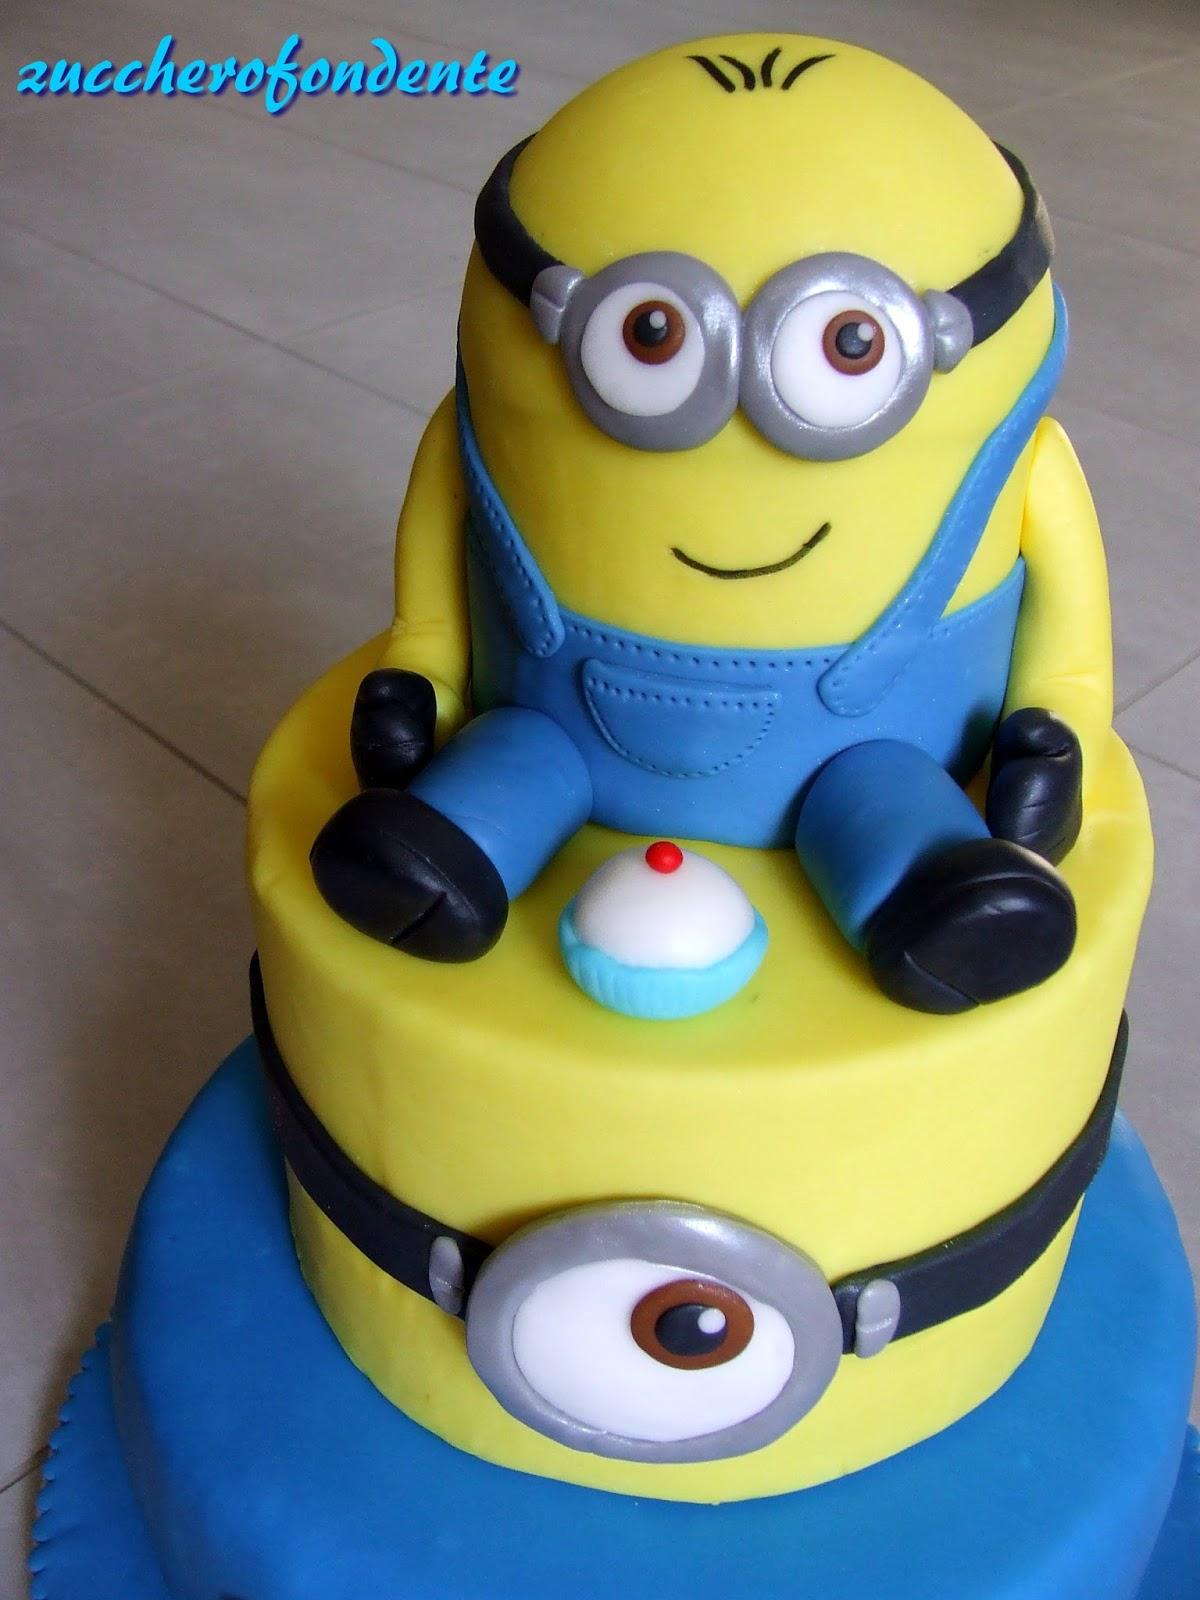 Fabuleux Torta Minionssempre più grande!!! LT91